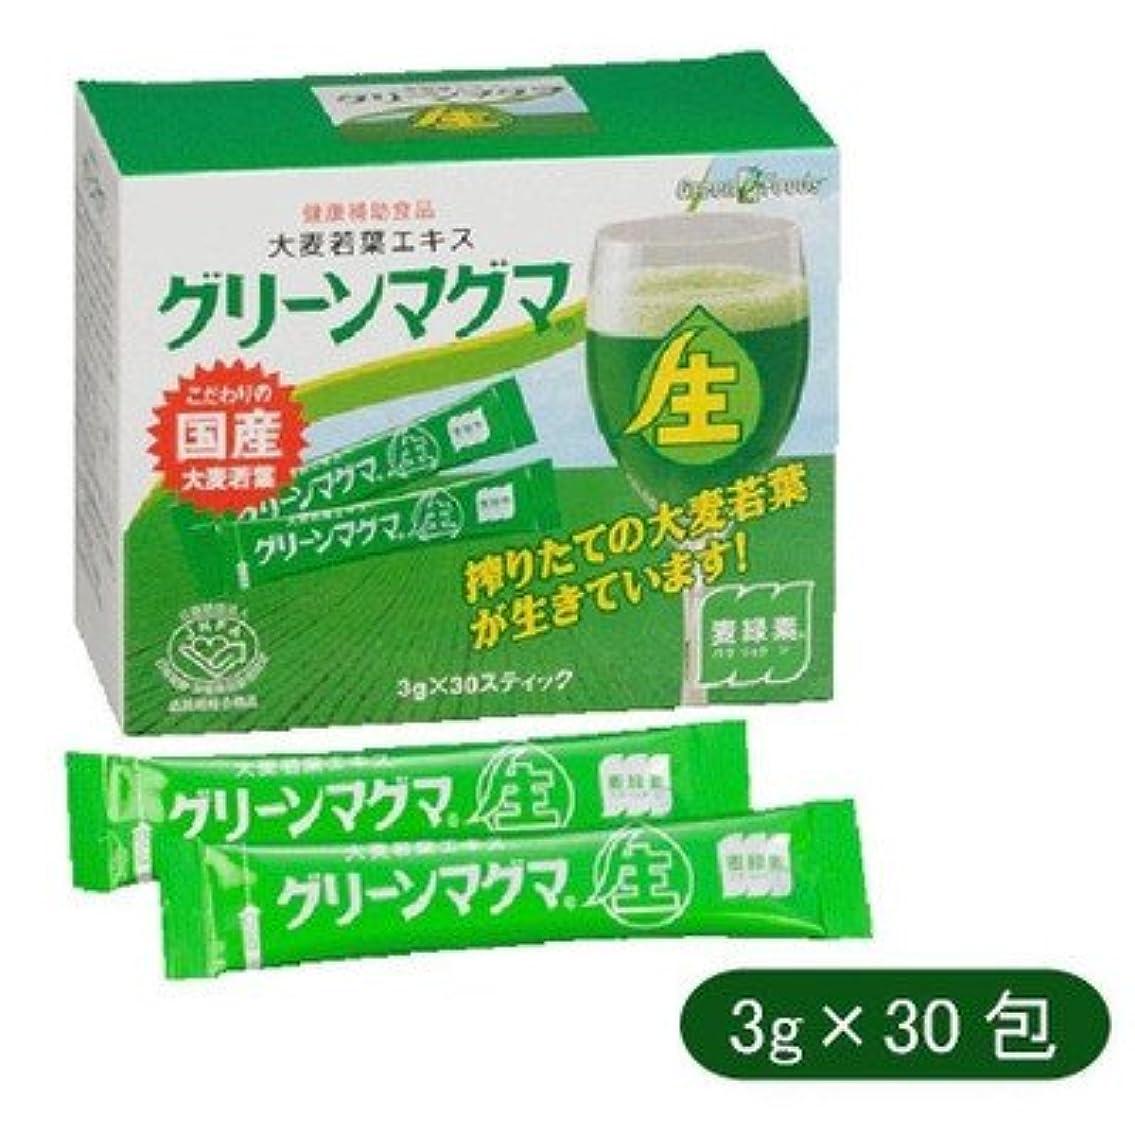 パスタ受け入れたペチュランス日本薬品開発 大麦若葉エキス グリーンマグマ 3g×30包 642670